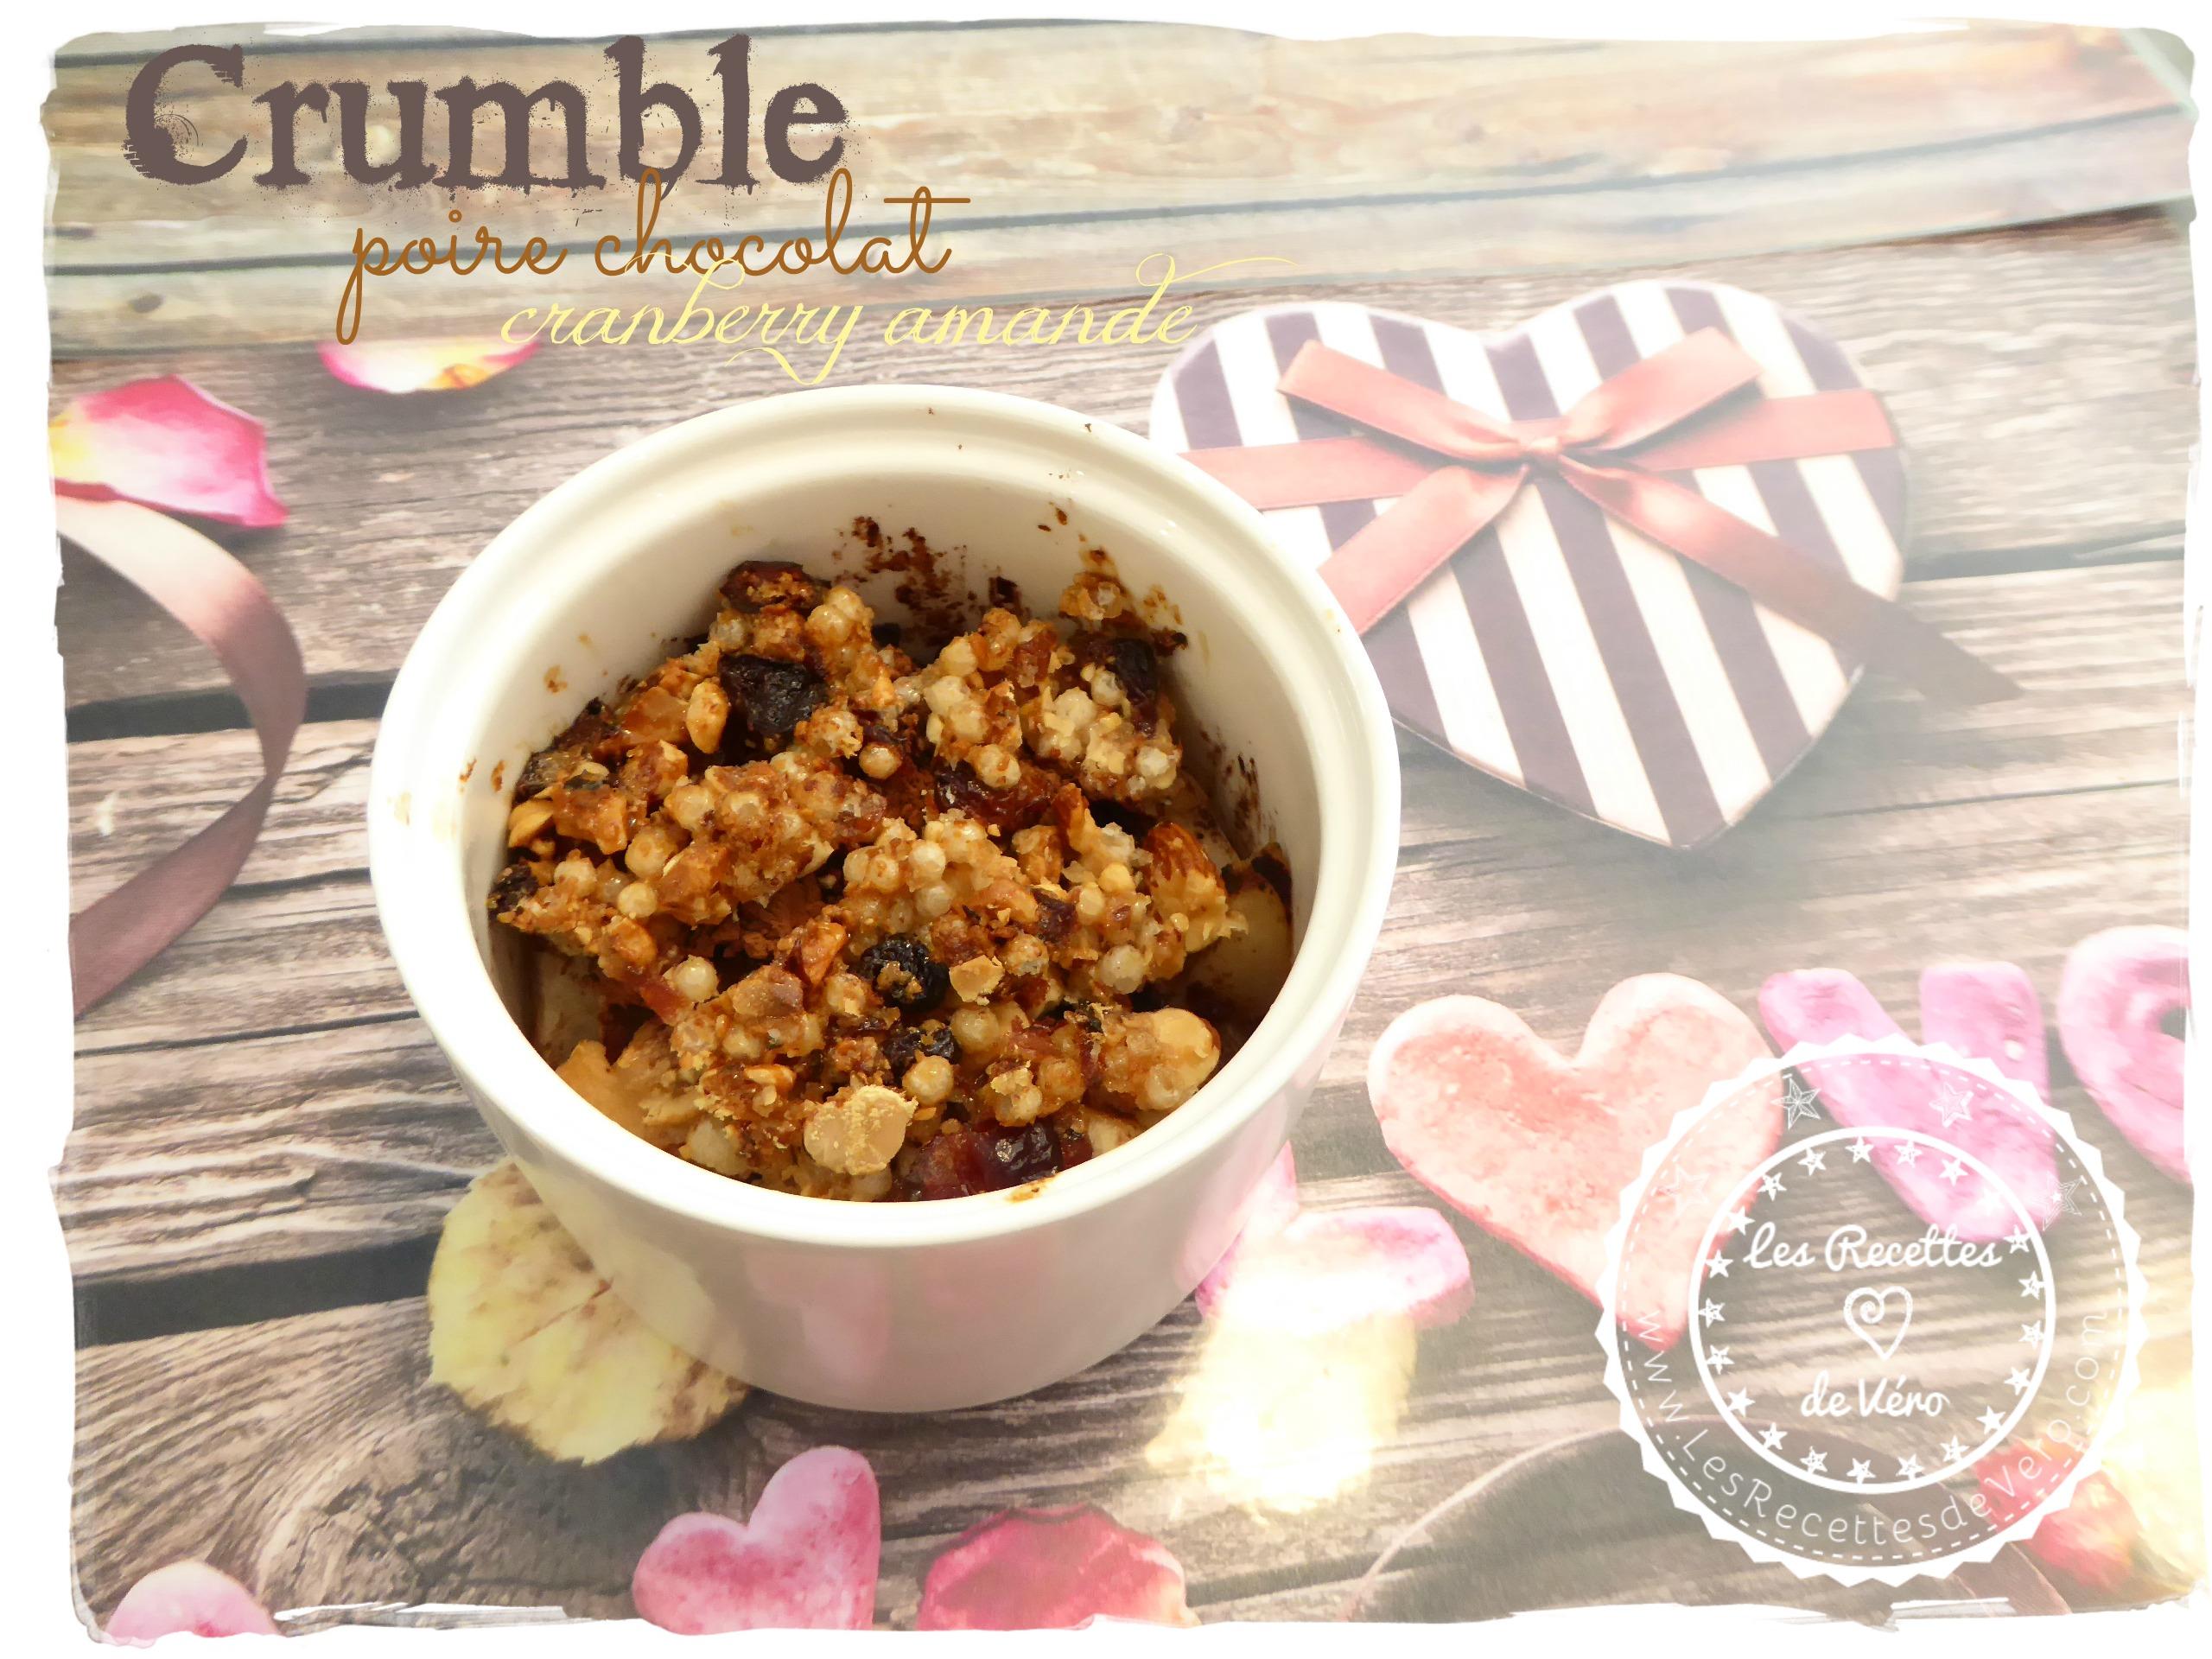 Crumble poire chocolat cranberry amande